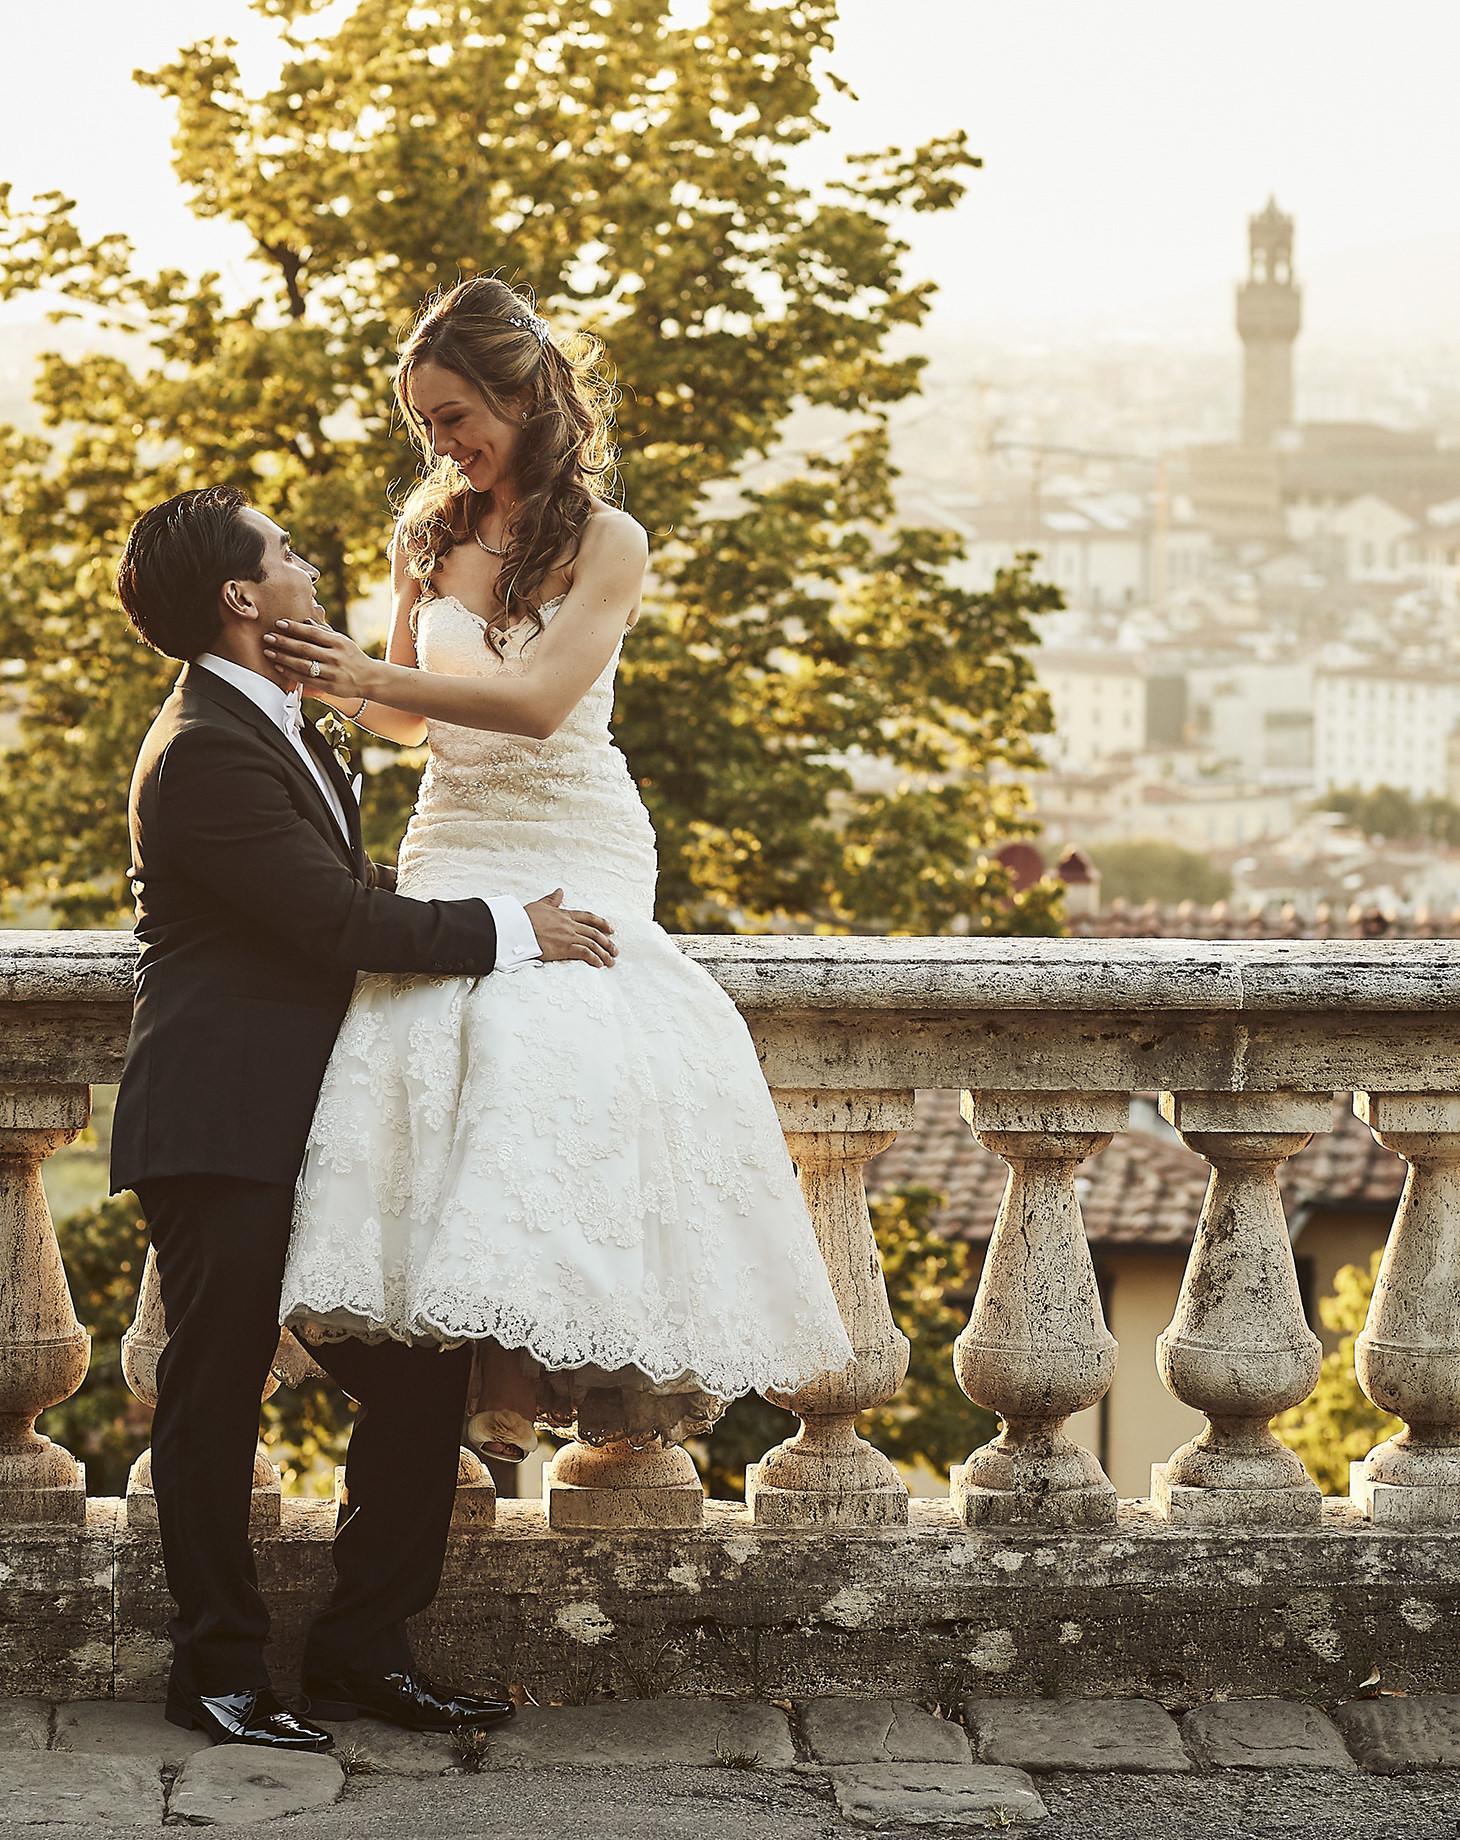 Brenda & Majid | Florence